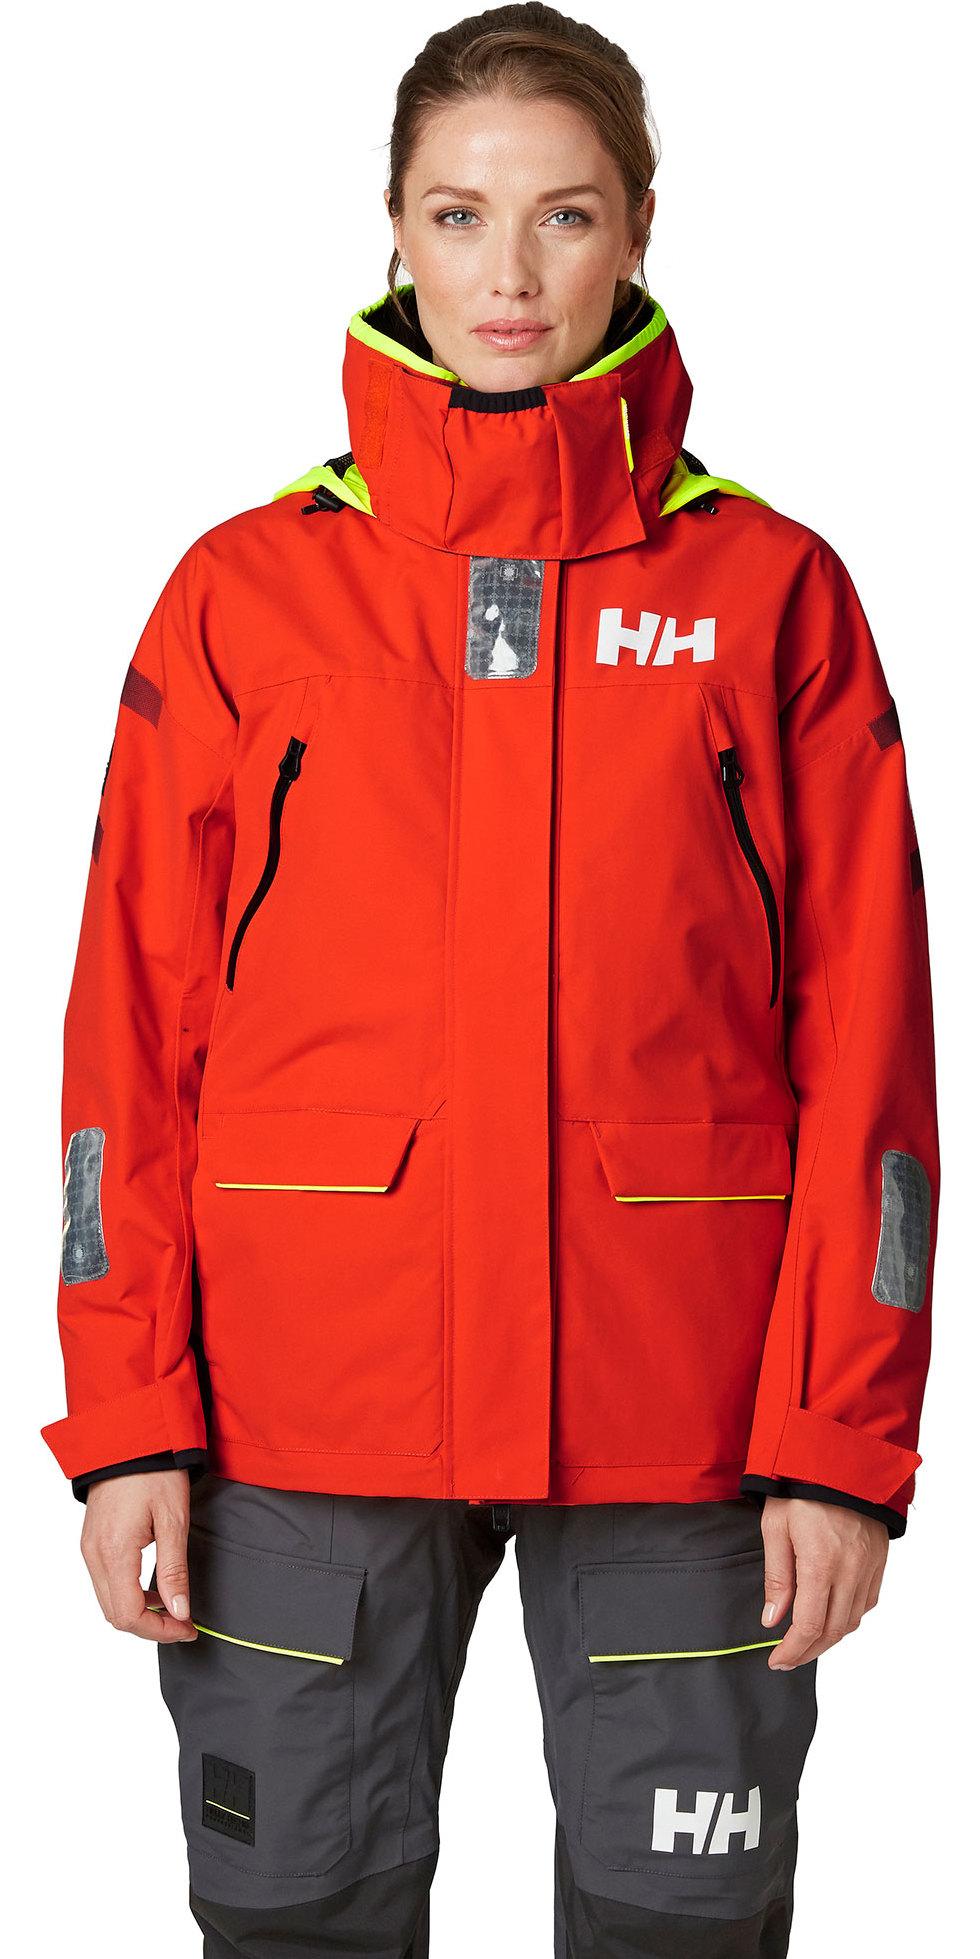 2020 Helly Hansen Dames Crew Jas Alert Rood 30297 Zeilen